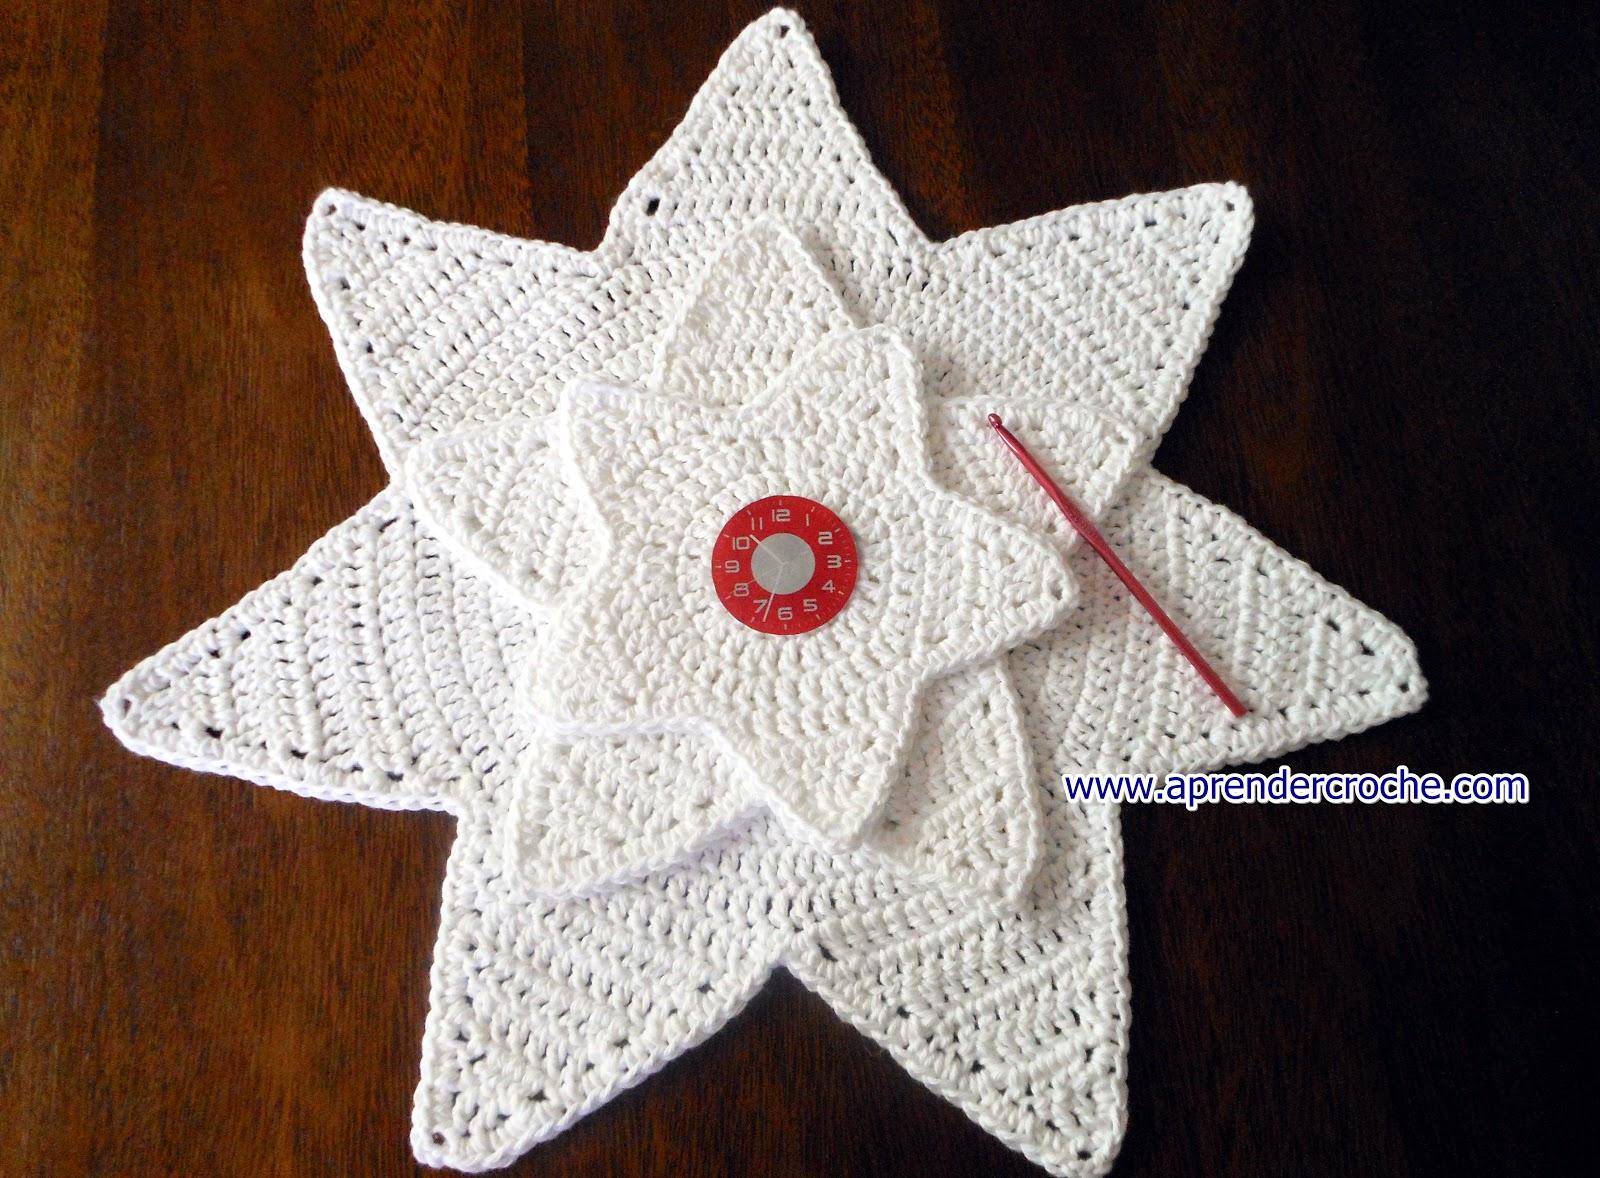 aprender croche americanos porta copos xicaras branco mesa réveillon edinir-croche fios barroco maxcolor circulo dvd loja